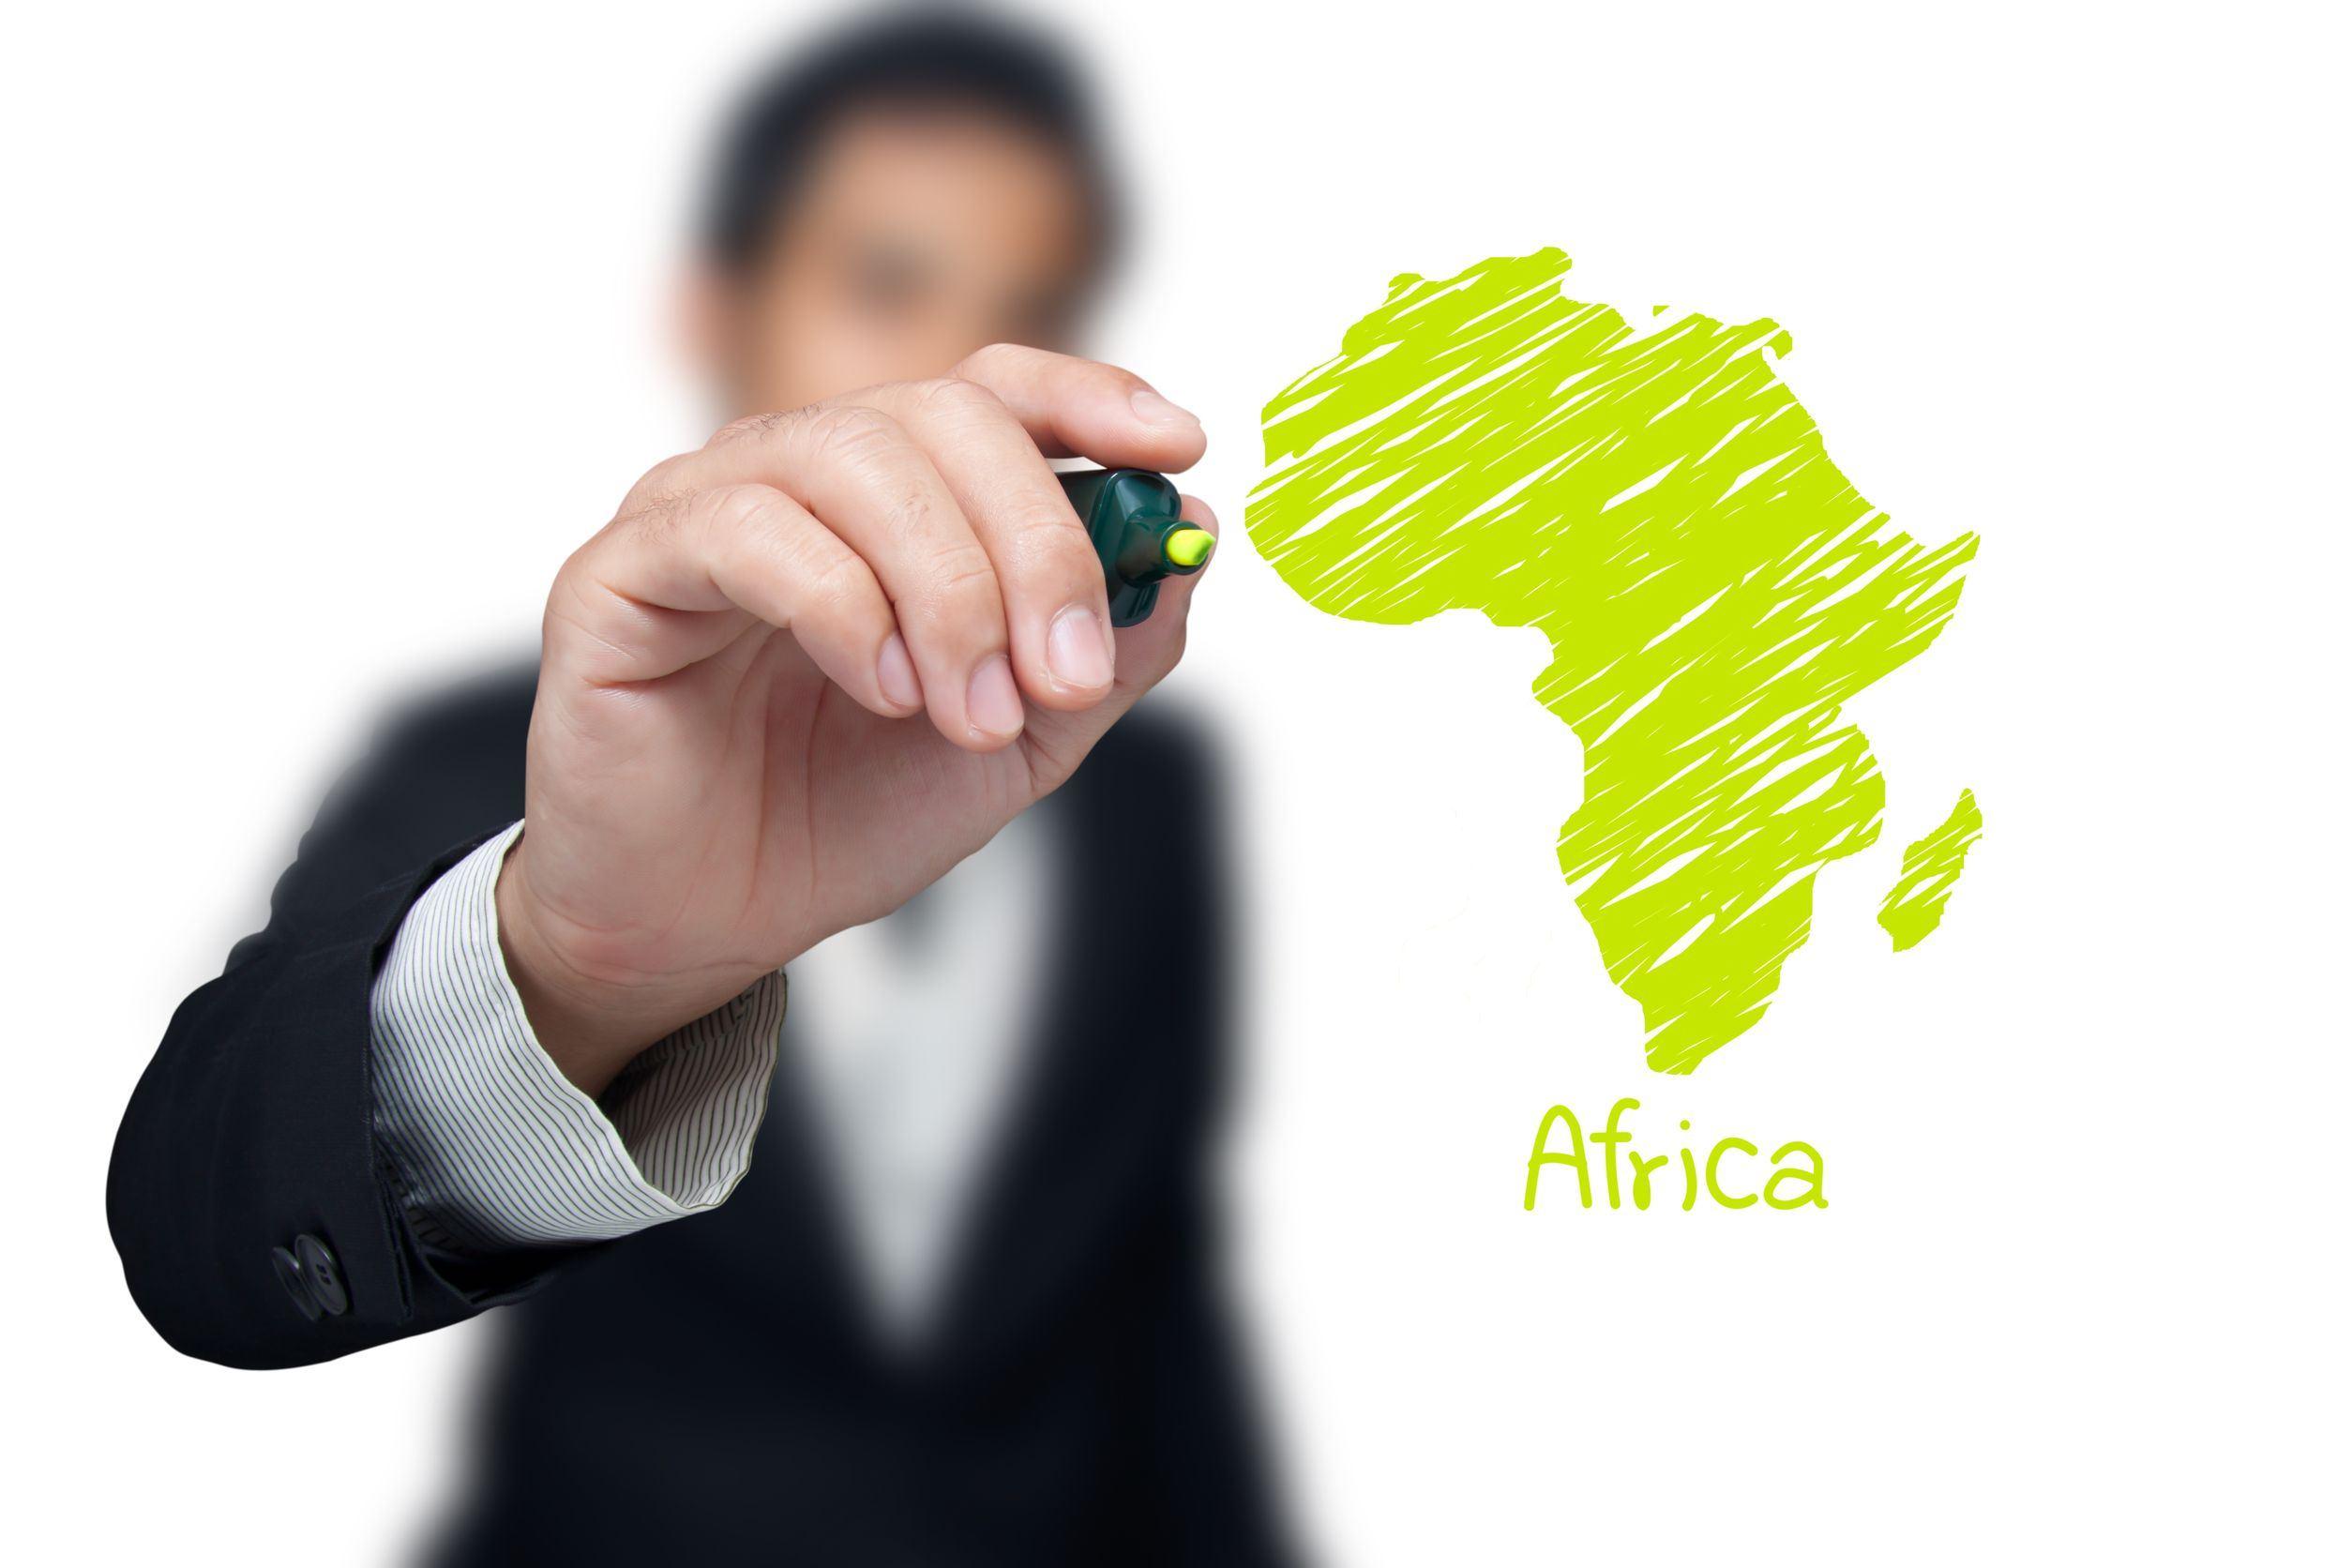 ԲԻԶՆԵՍԻ ԲՈՒՄ ԱՖՐԻԿԱՅՈՒՄ. 5 փաստ աֆրիկյան երկրների տնտեսական մեծ ներուժի մասին